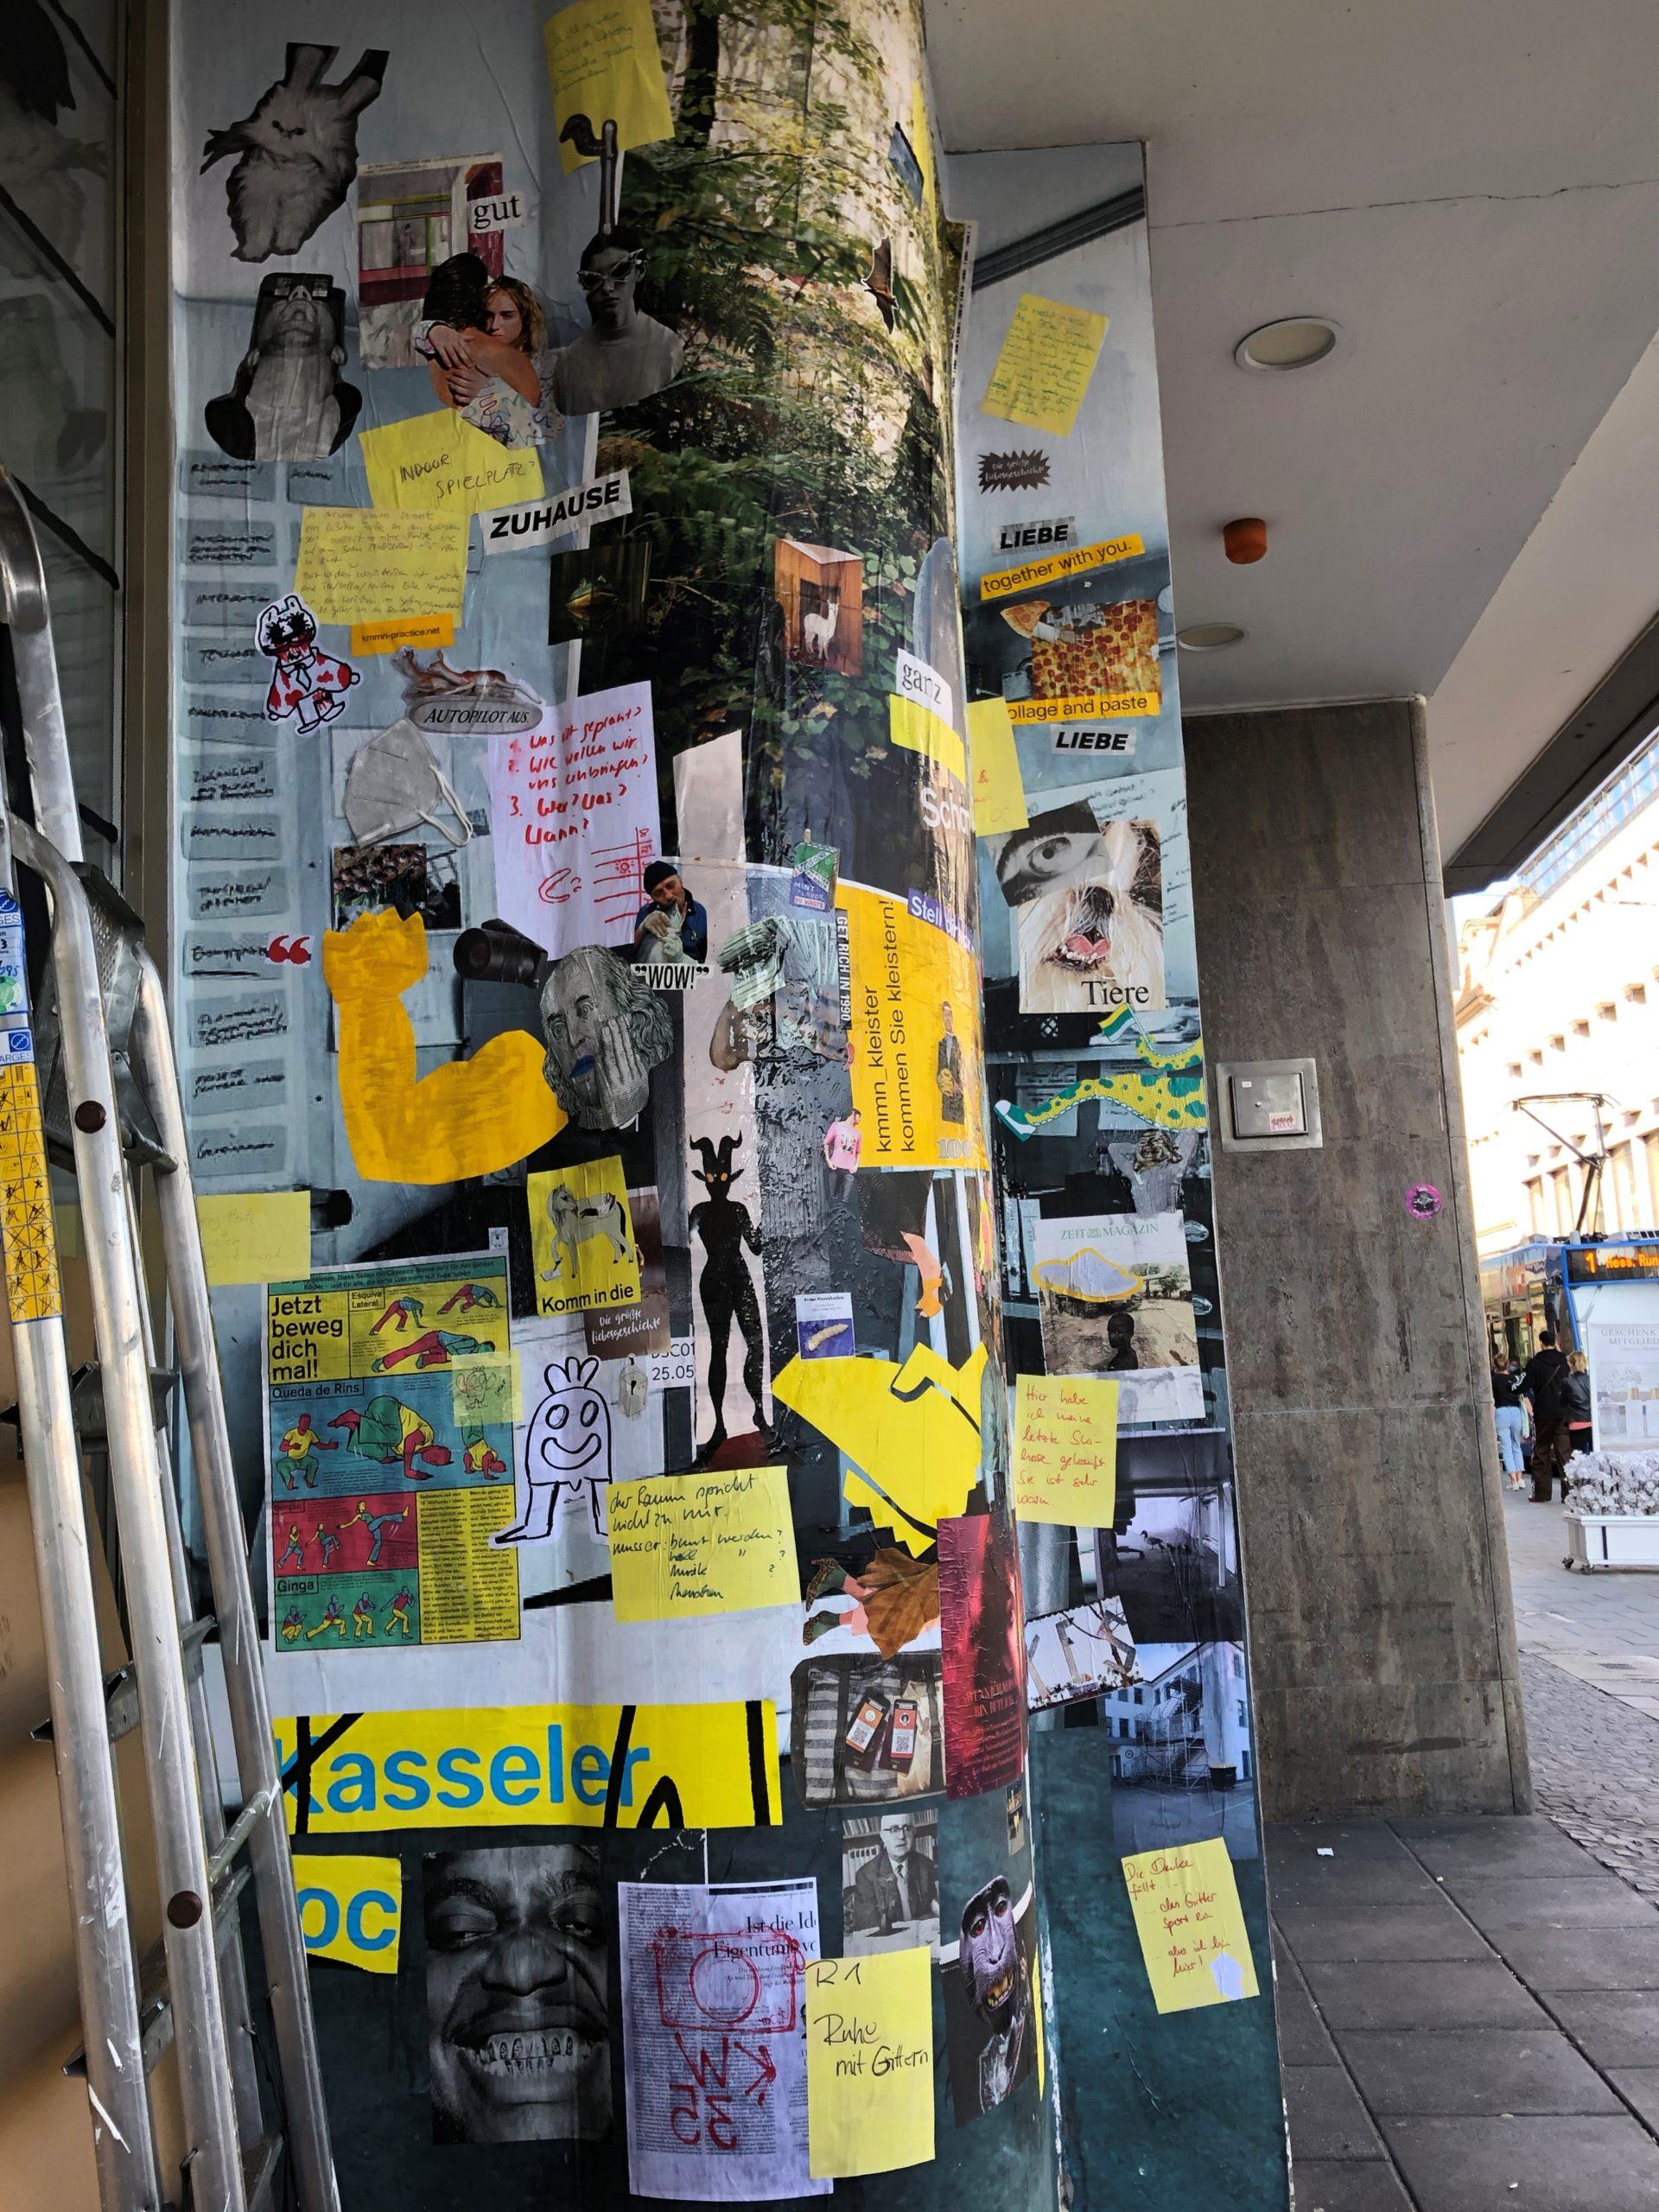 Das Foto zeigt eine Plakatsäule am Straßenrand, die vollkommen mit verschiedenen ausgeschnittenen Bildern, Texten und gelben Papierformen bedeckt ist.